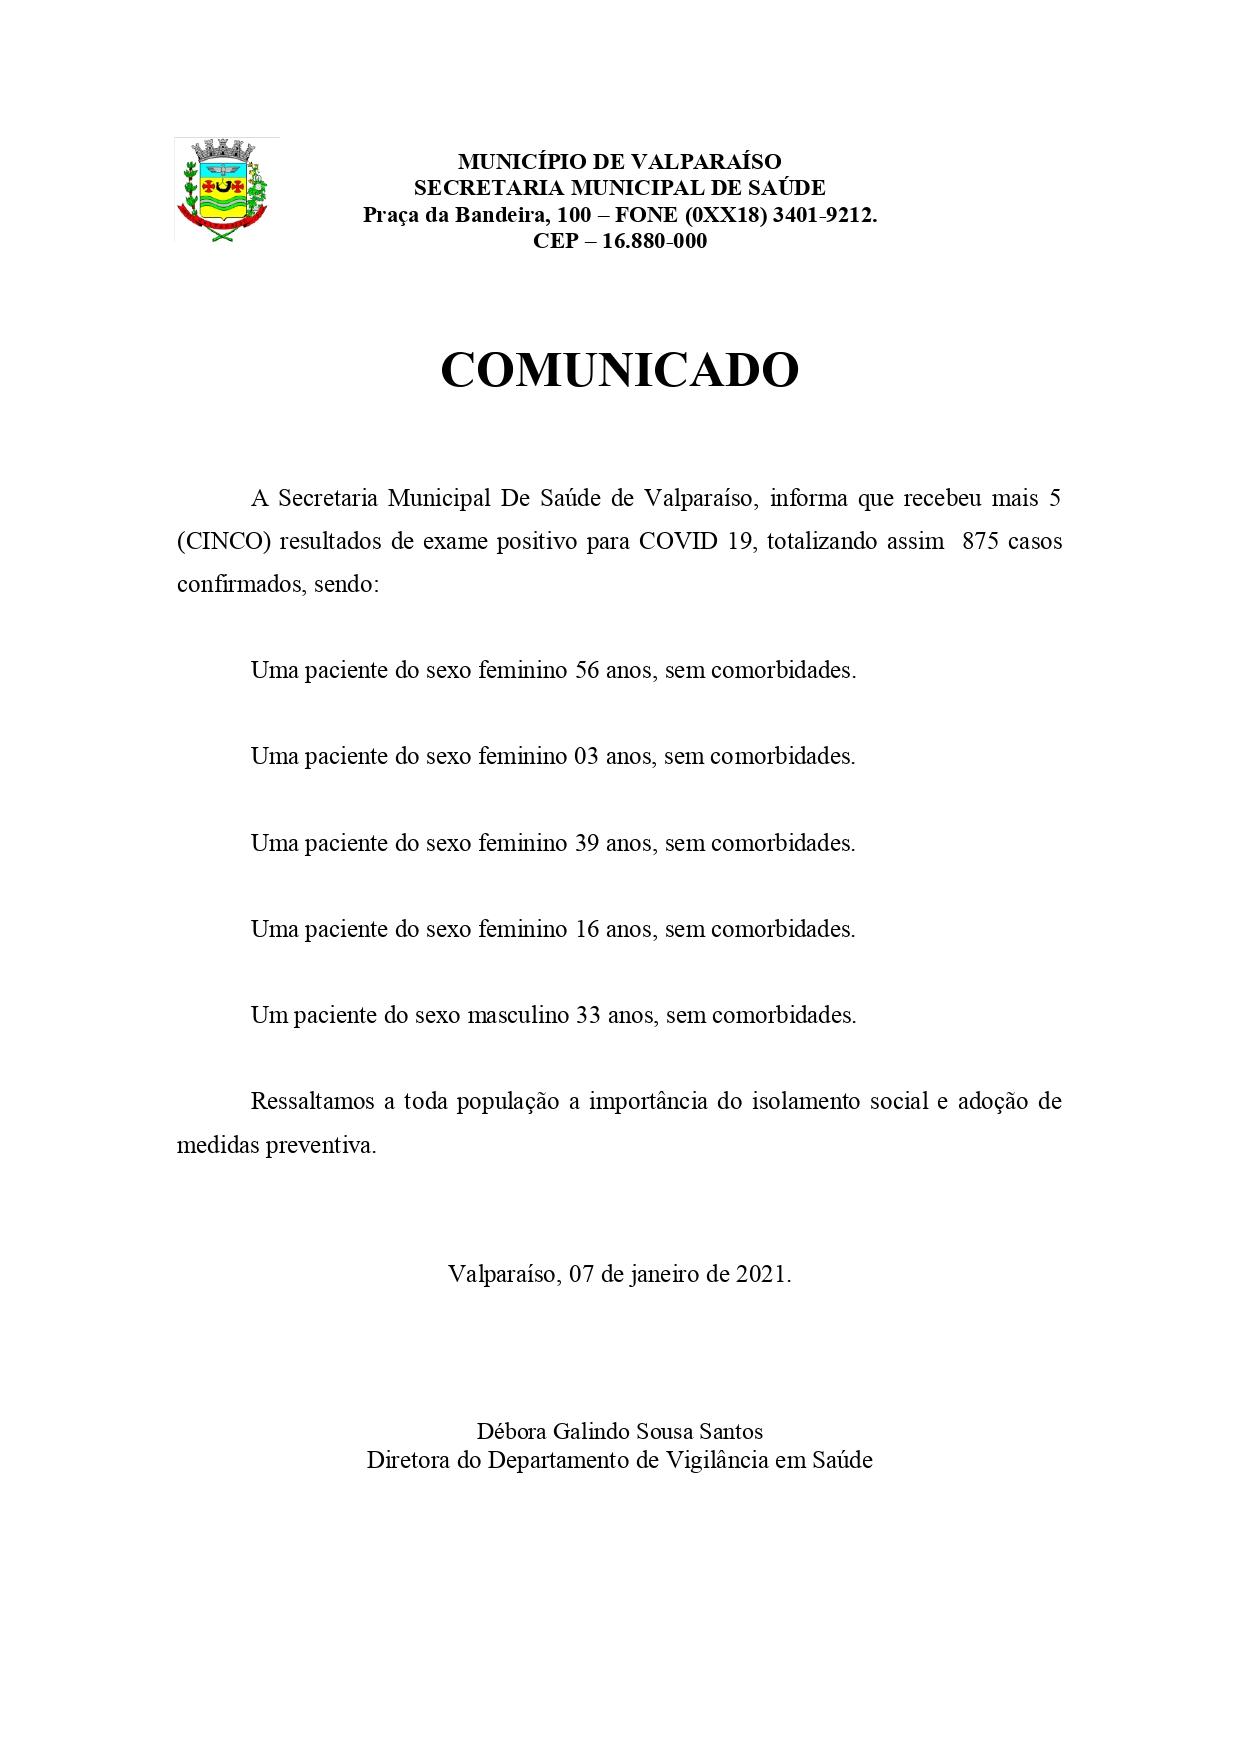 covid875